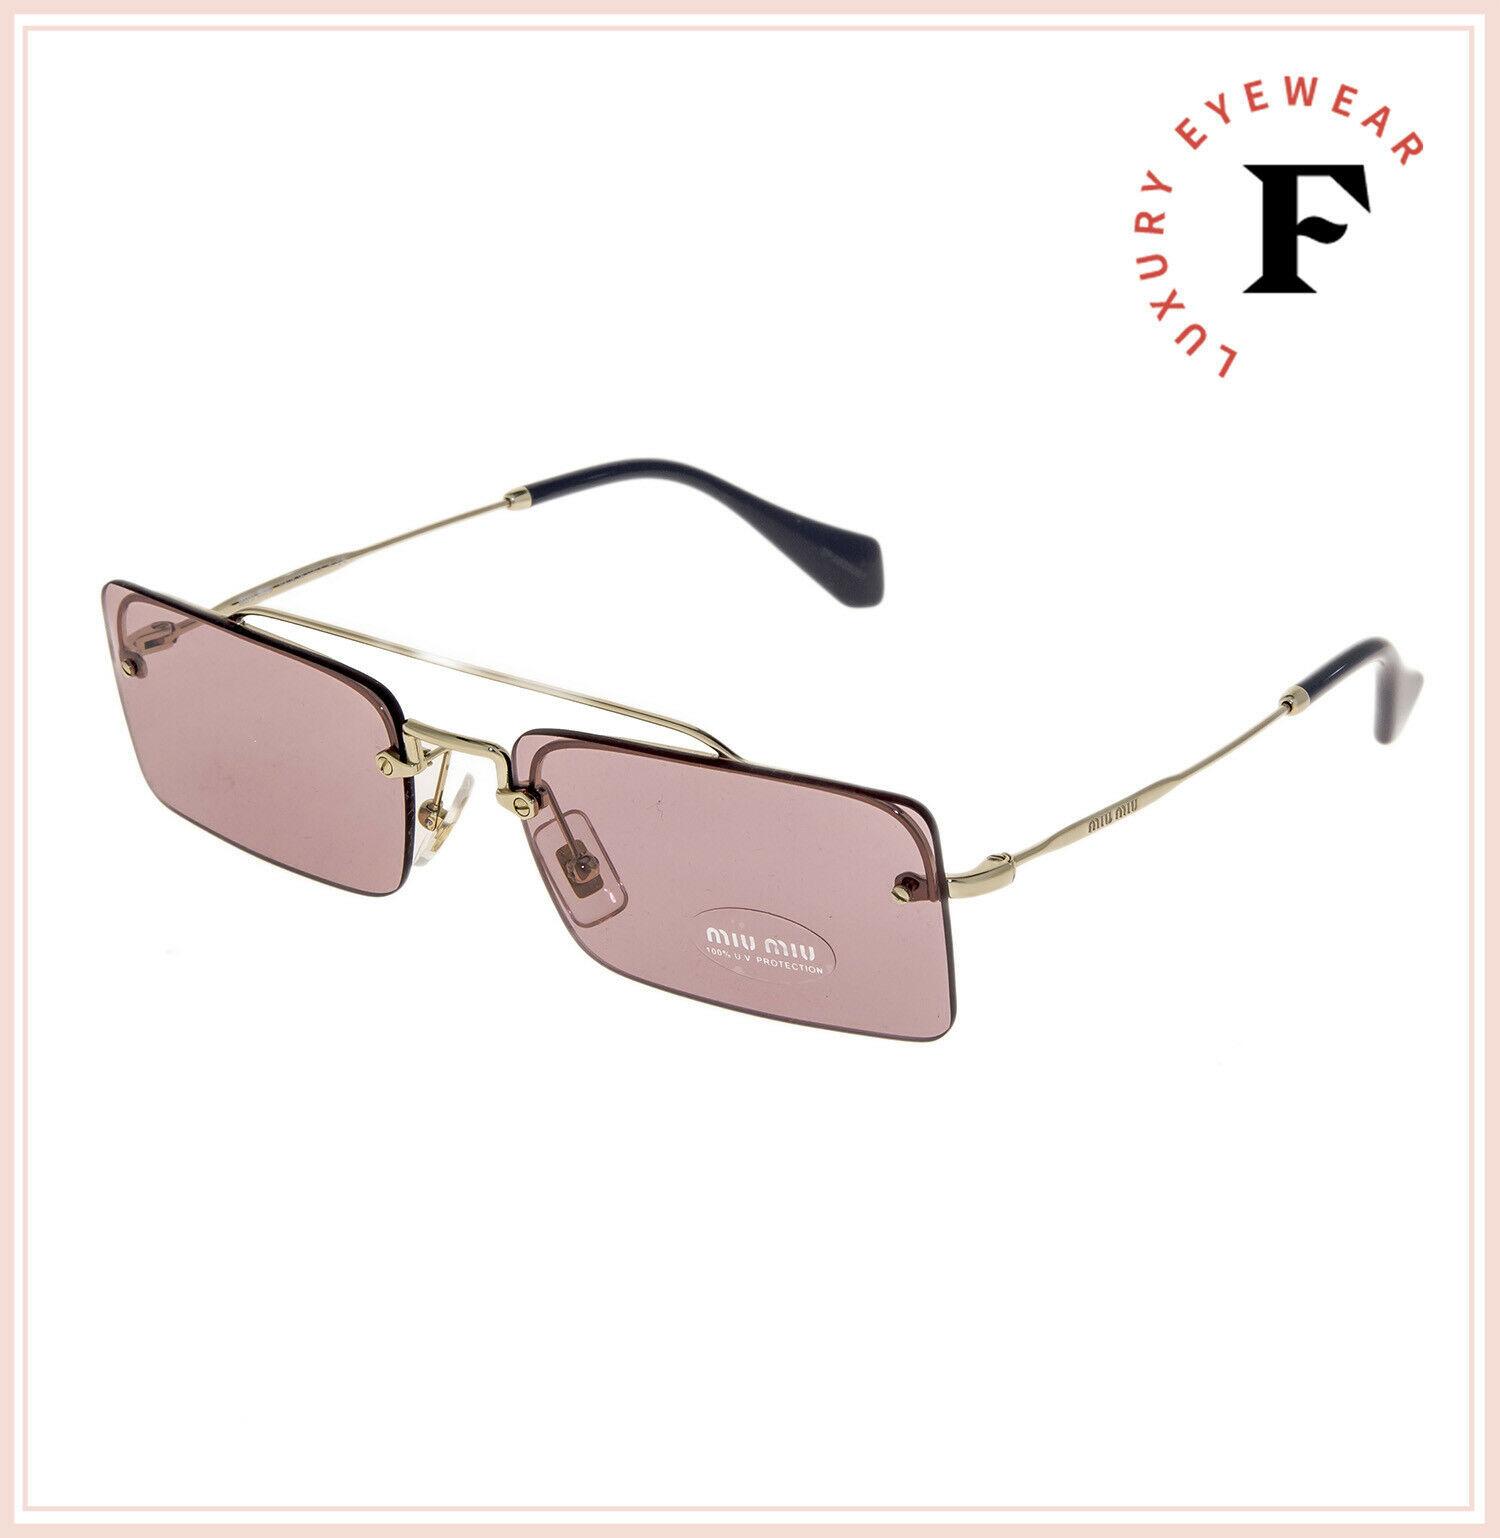 MIU MIU SOCIETE MU59TS Pale Gold Pink Square Rimless Special Sunglasses 59T image 4